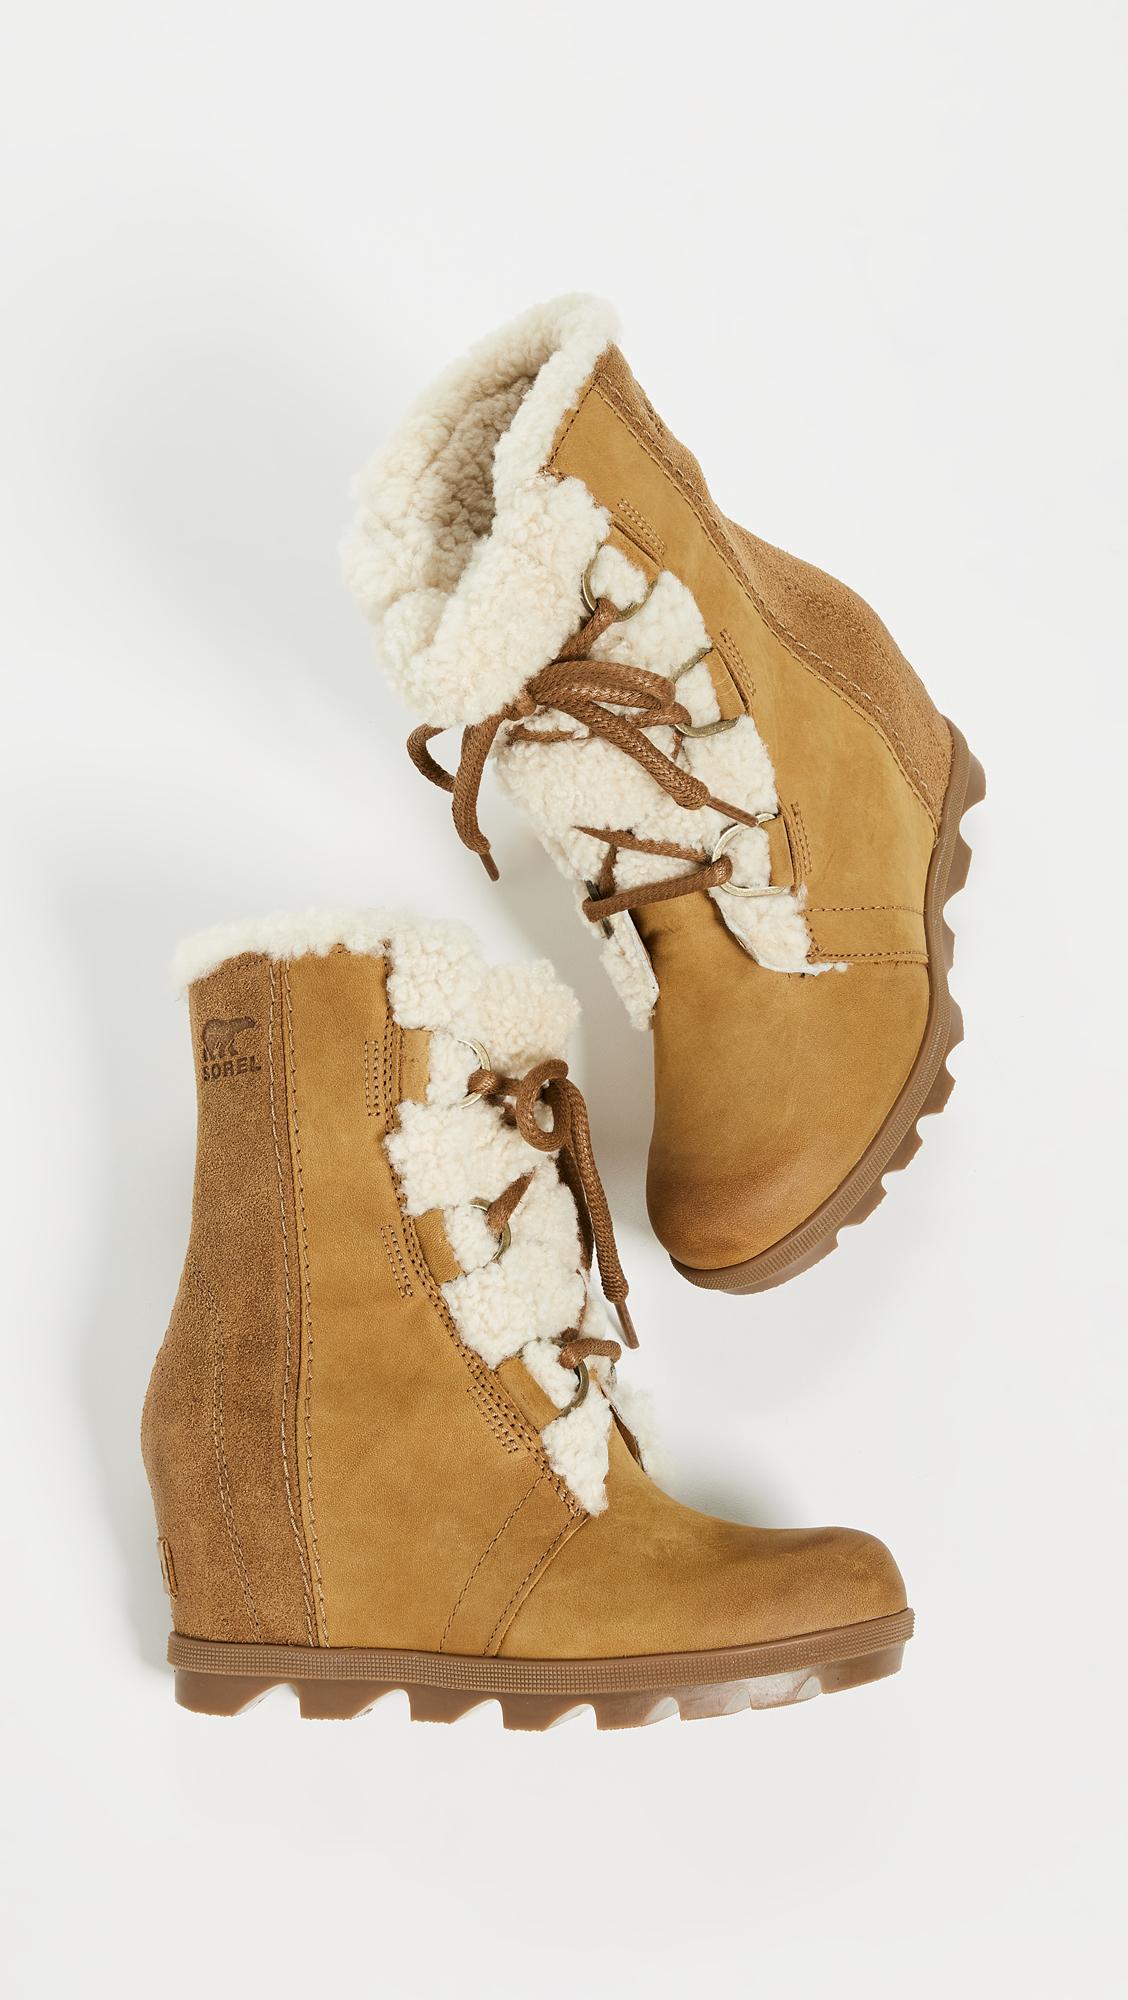 42df721c9f76 Sorel Joan Of Arctic Wedge II Lux Boots